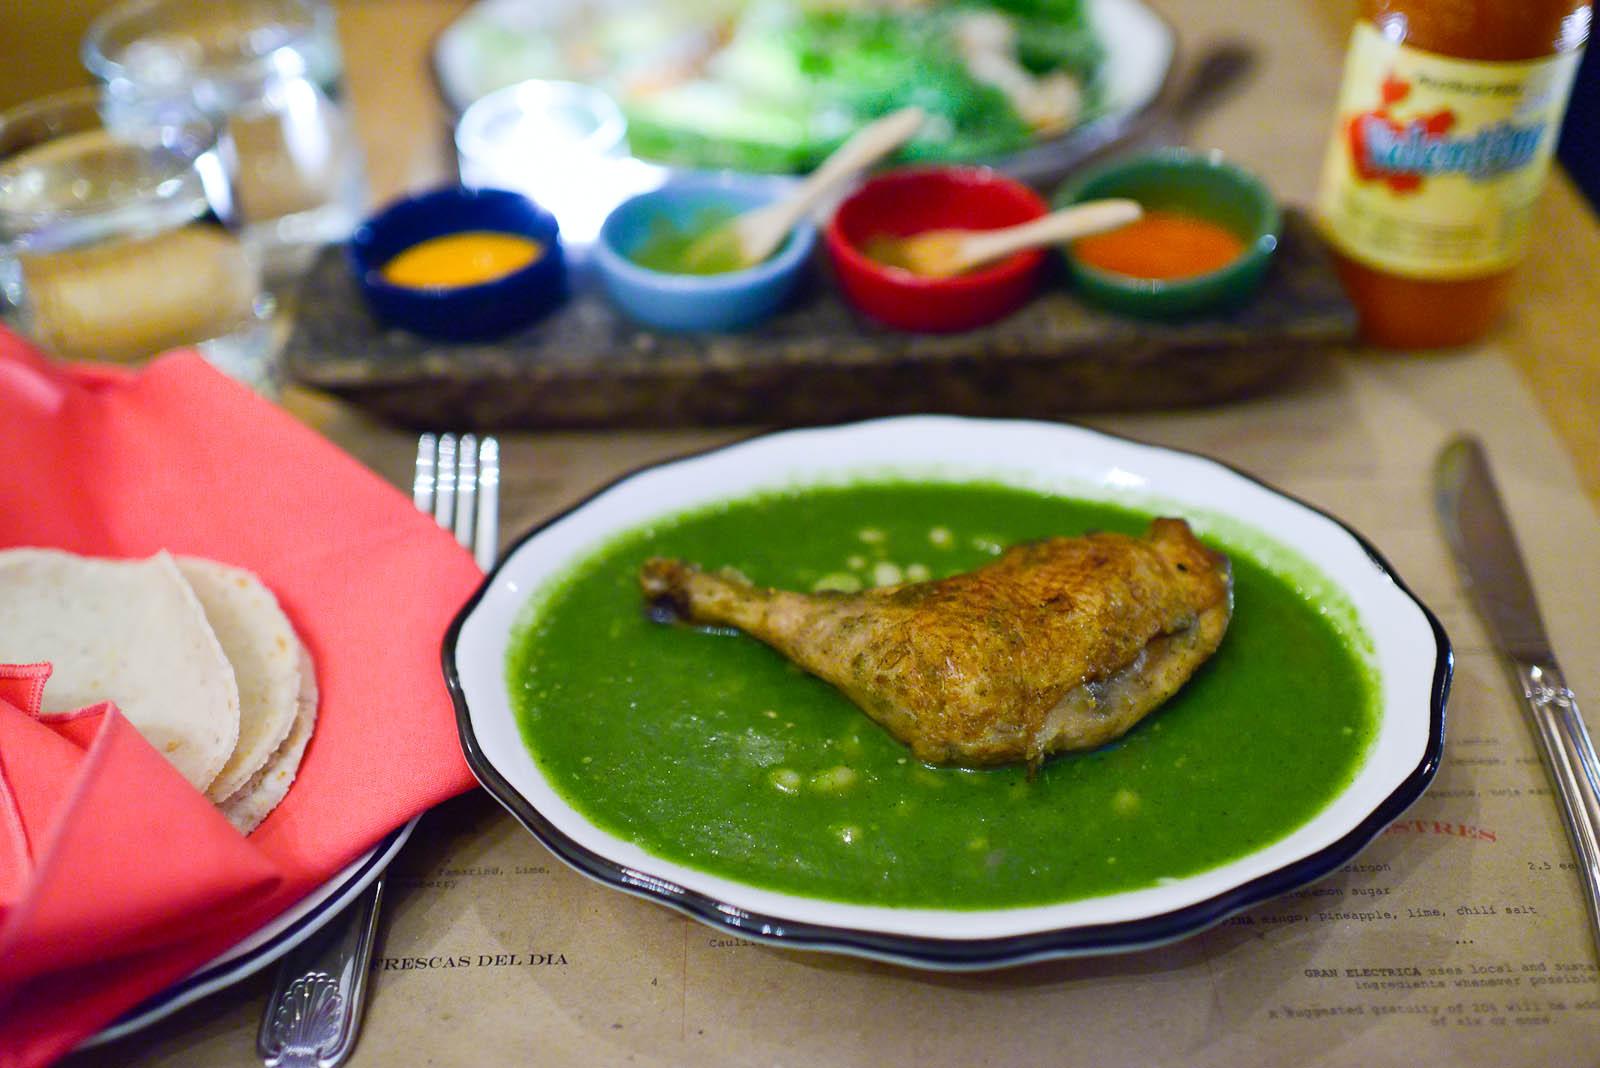 Mole verde - chicken, tomatillo, epazote, hoja santa ($17)